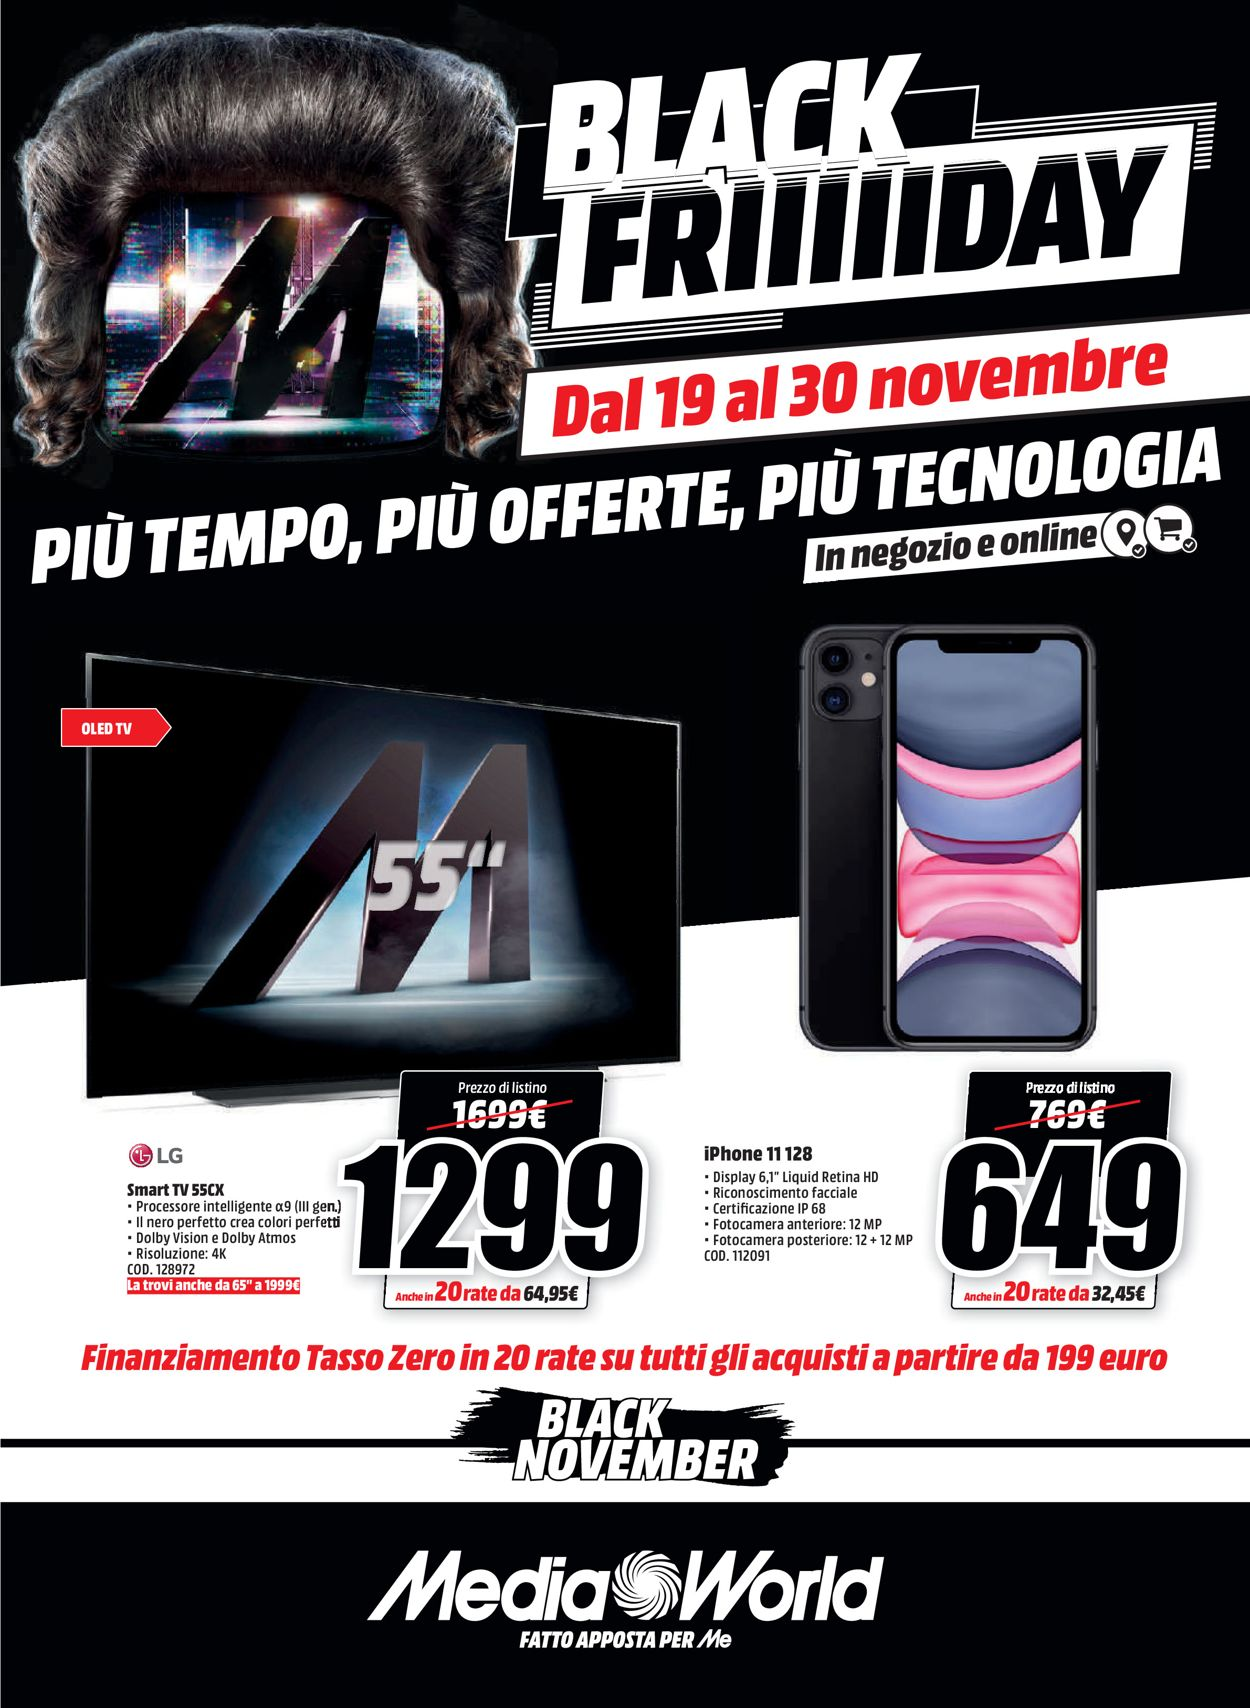 Volantino Media World - Black Friday 2020 - Offerte 19/11-30/11/2020